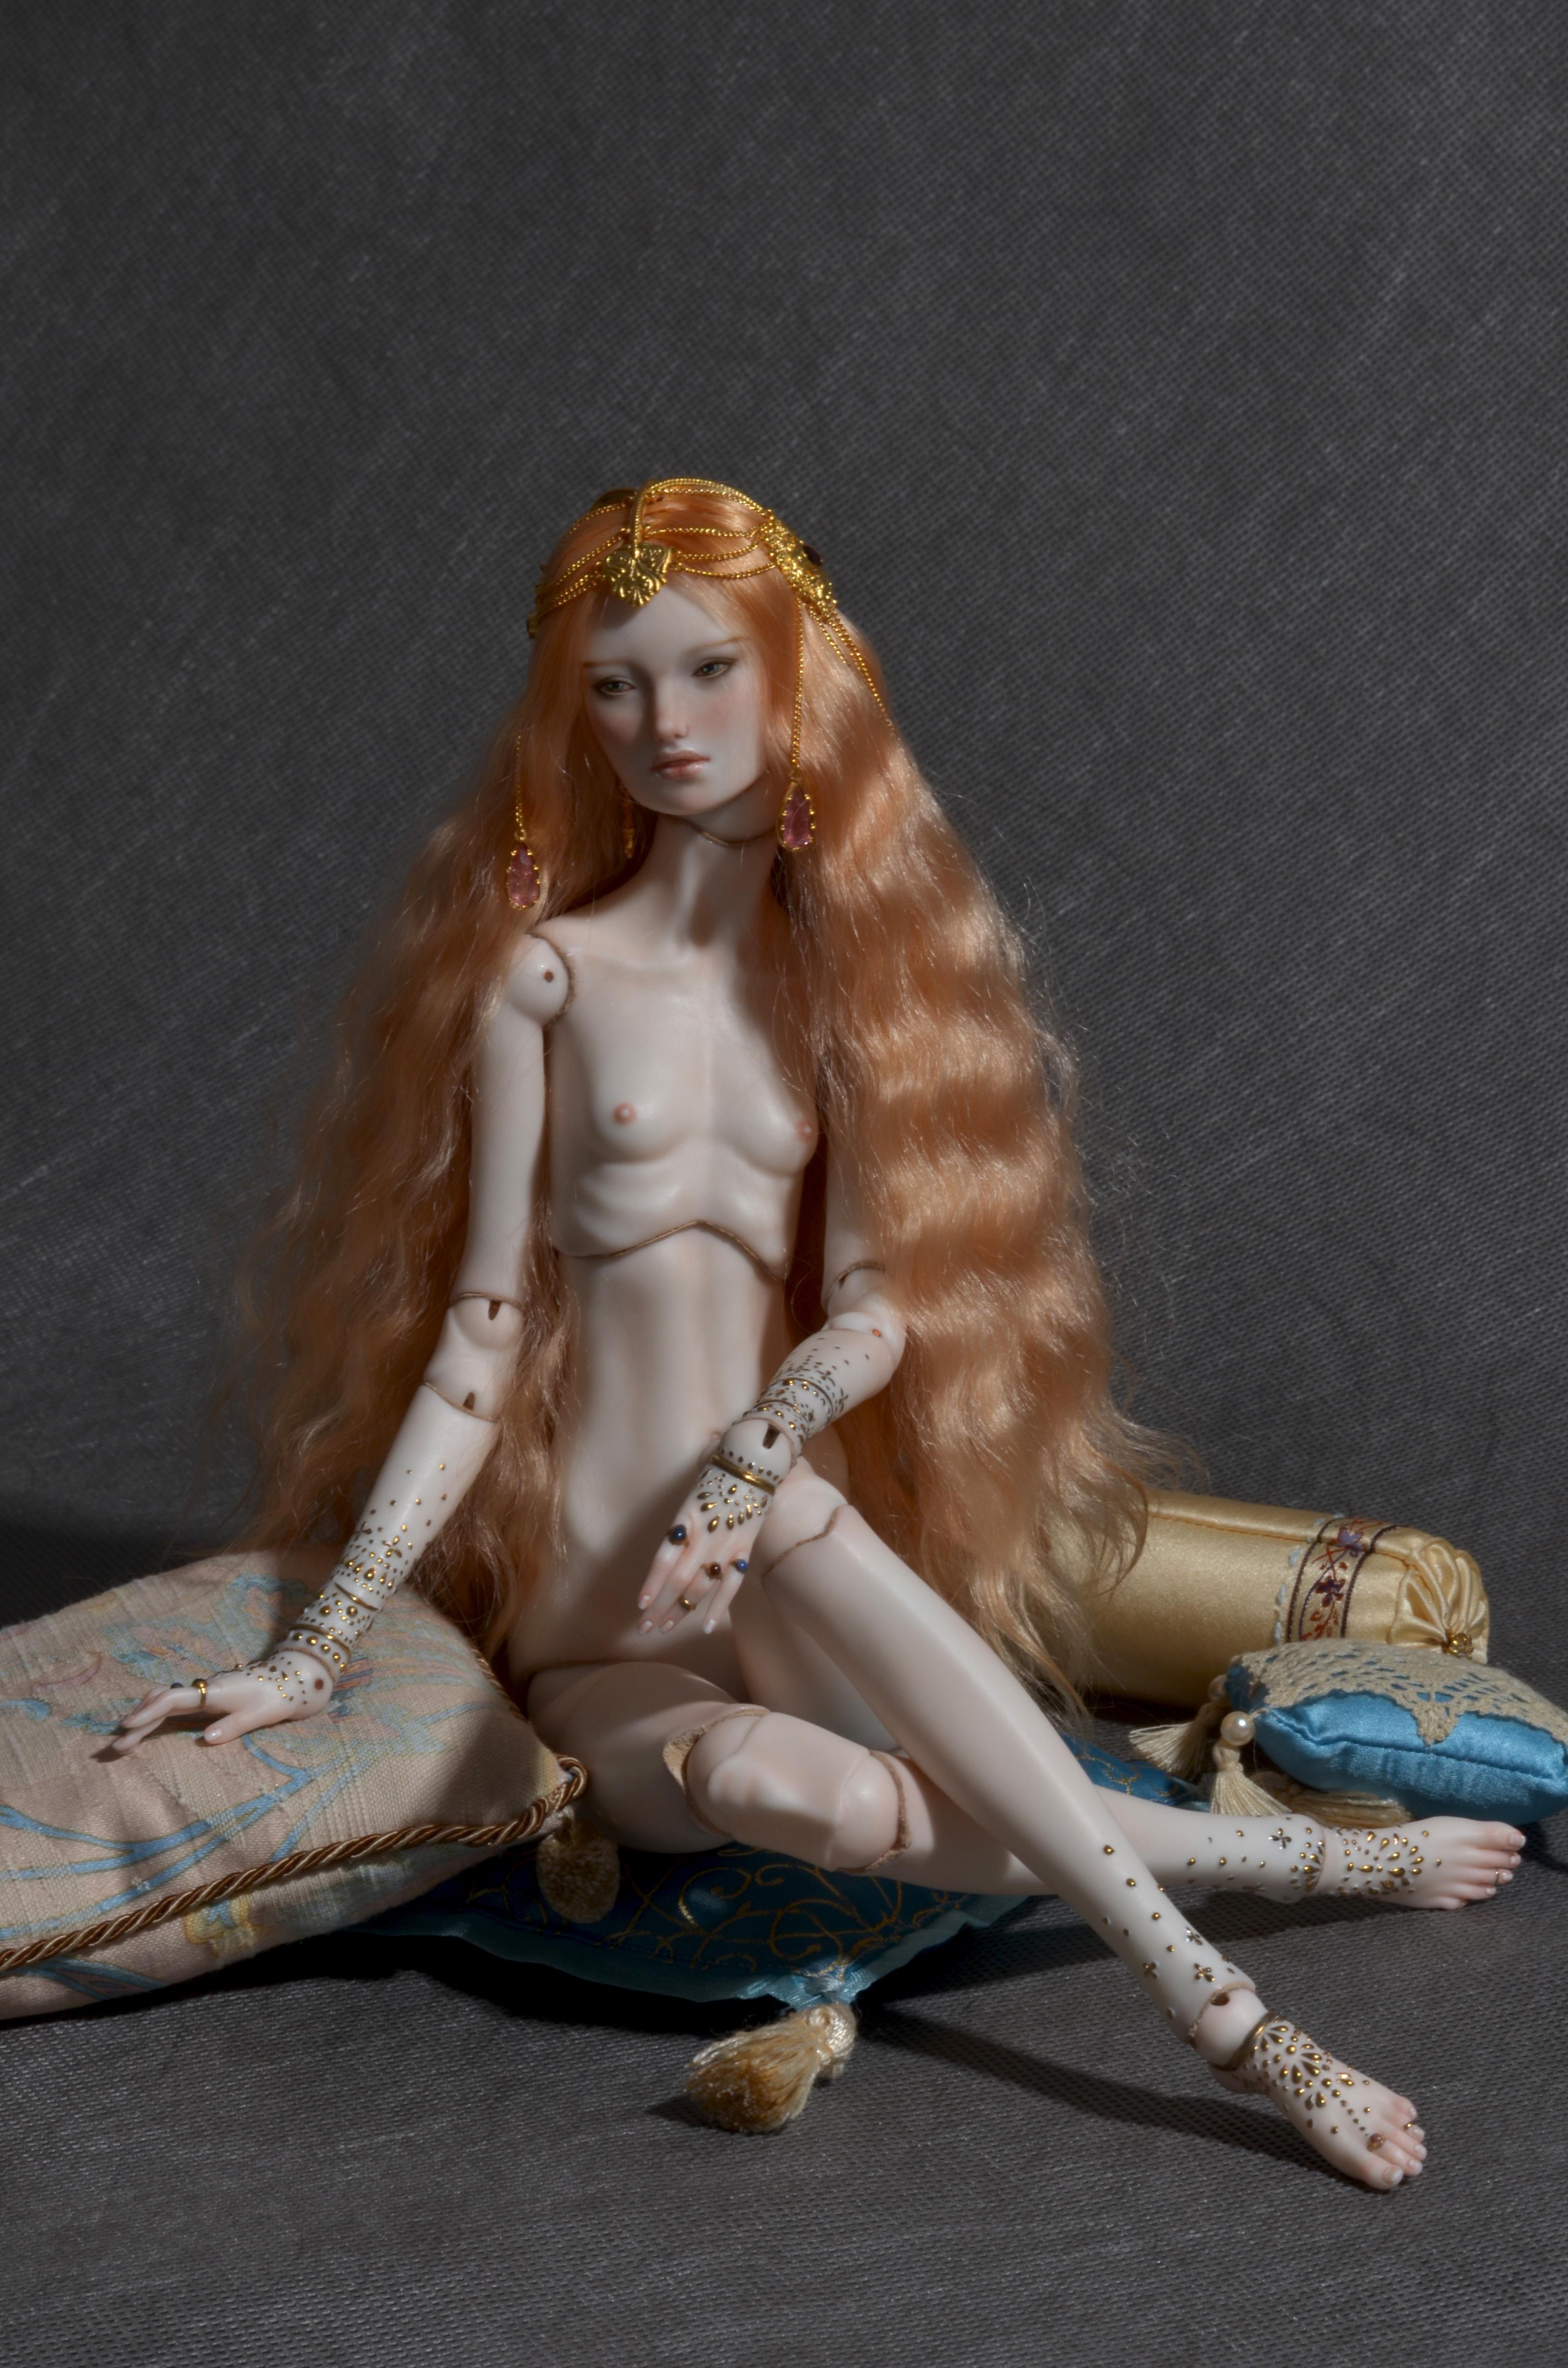 VividDolls porcelain bjd doll